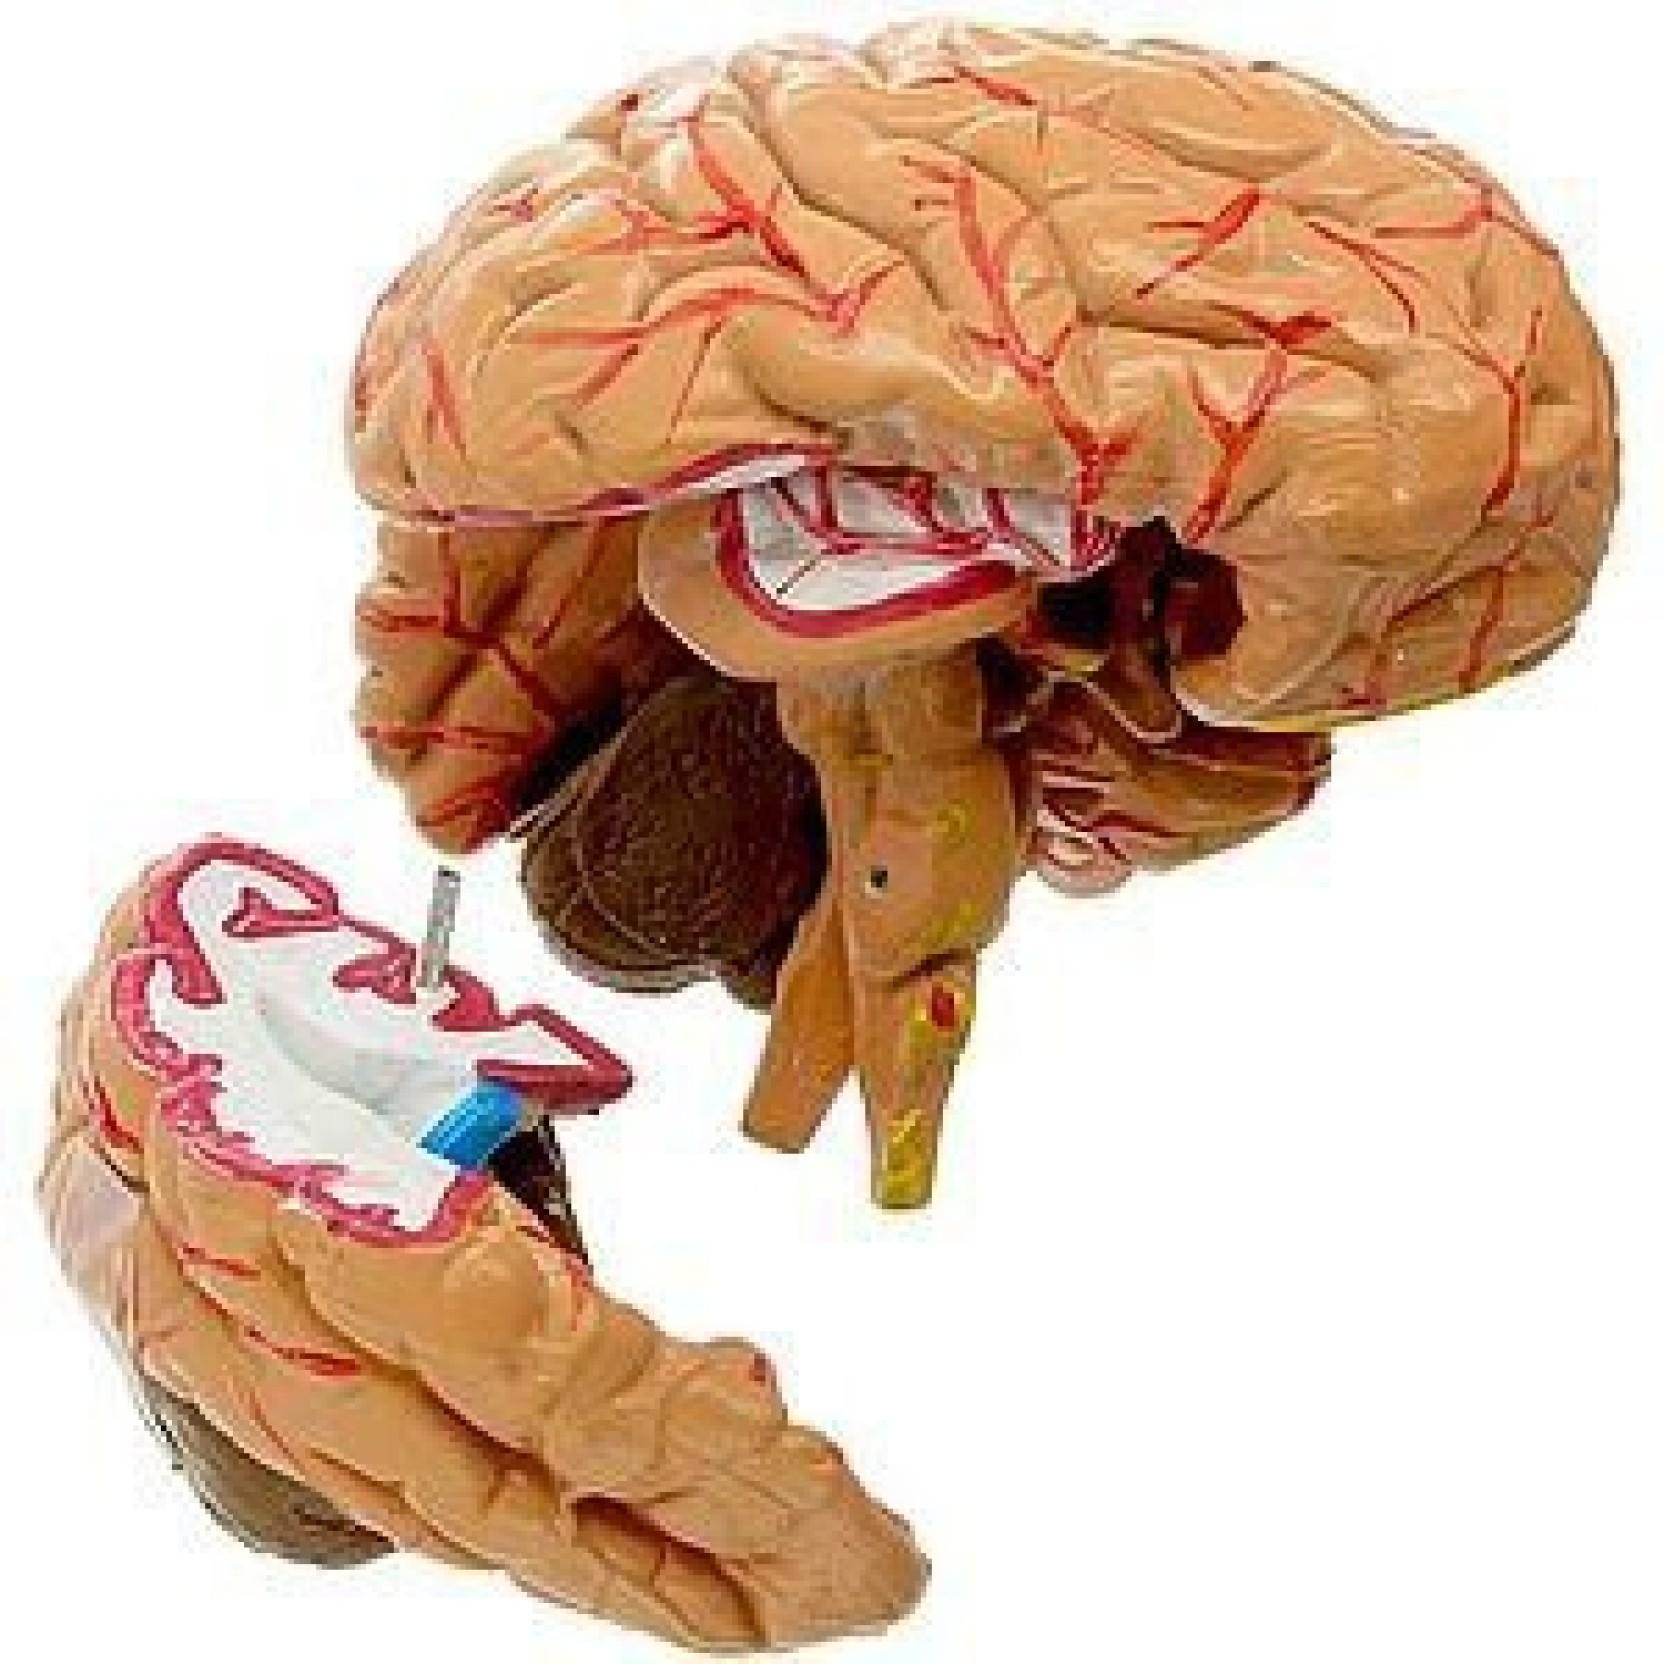 Anatomical Human Brain Model Price in India - Buy Anatomical Human ...